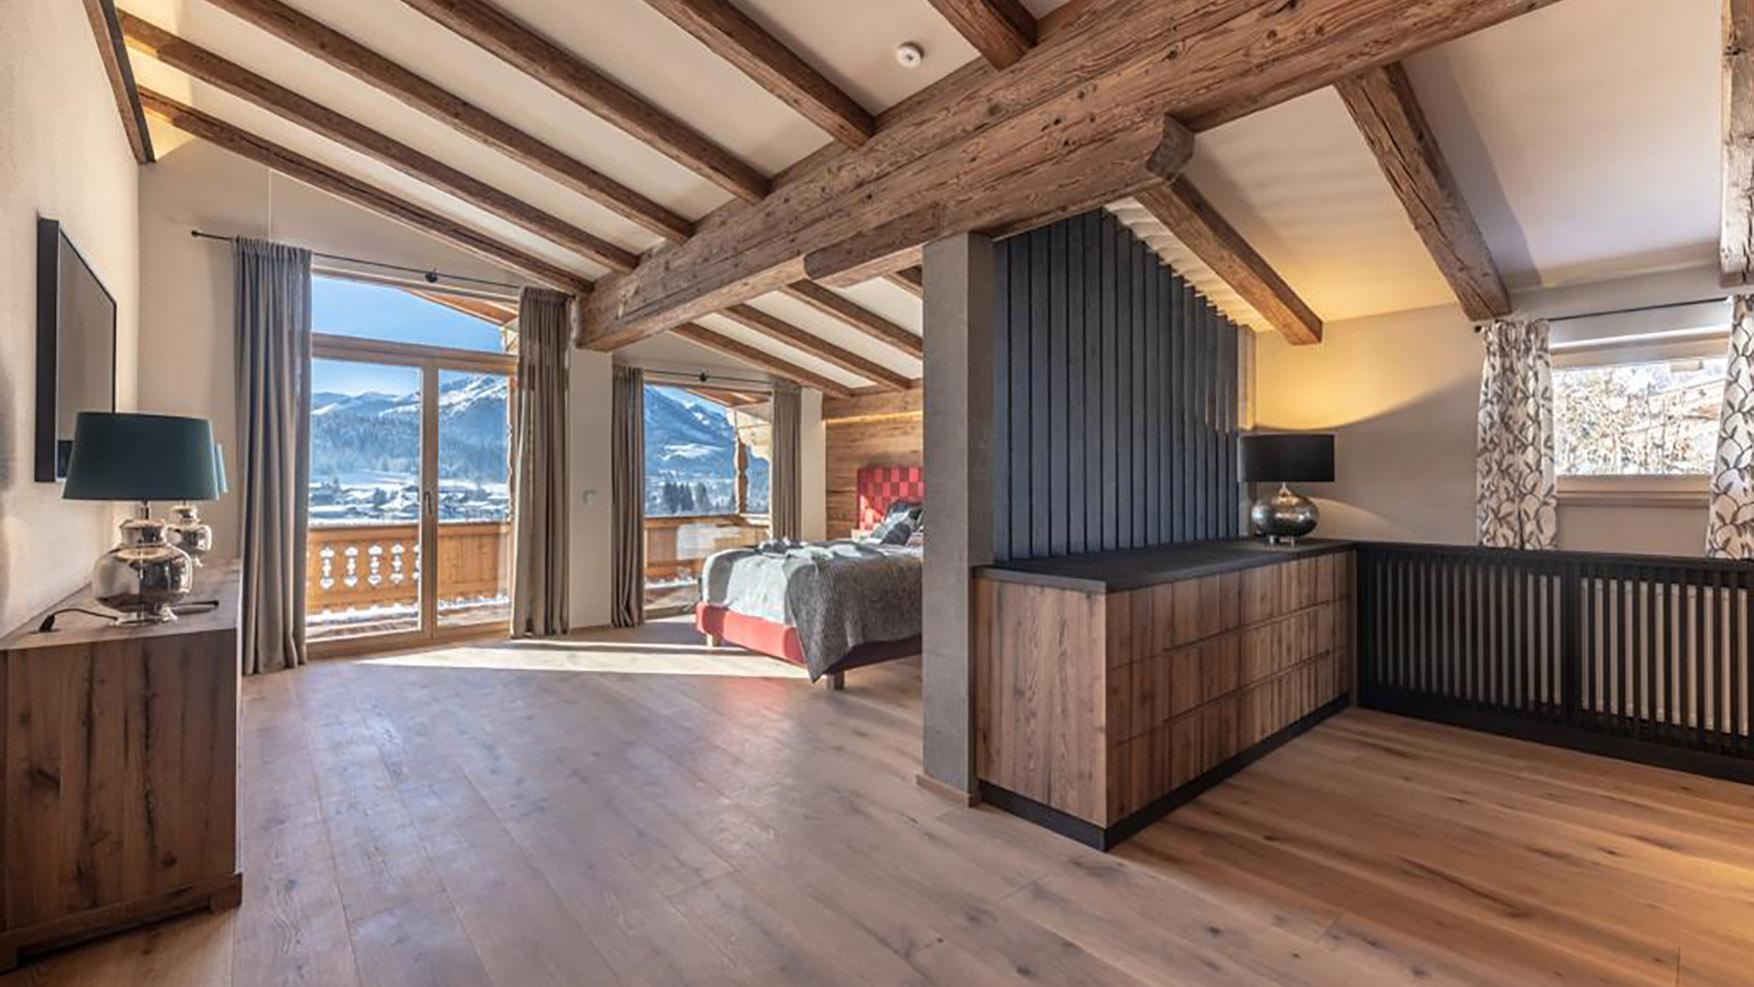 Tyrolean Lodge Chalet, Austria